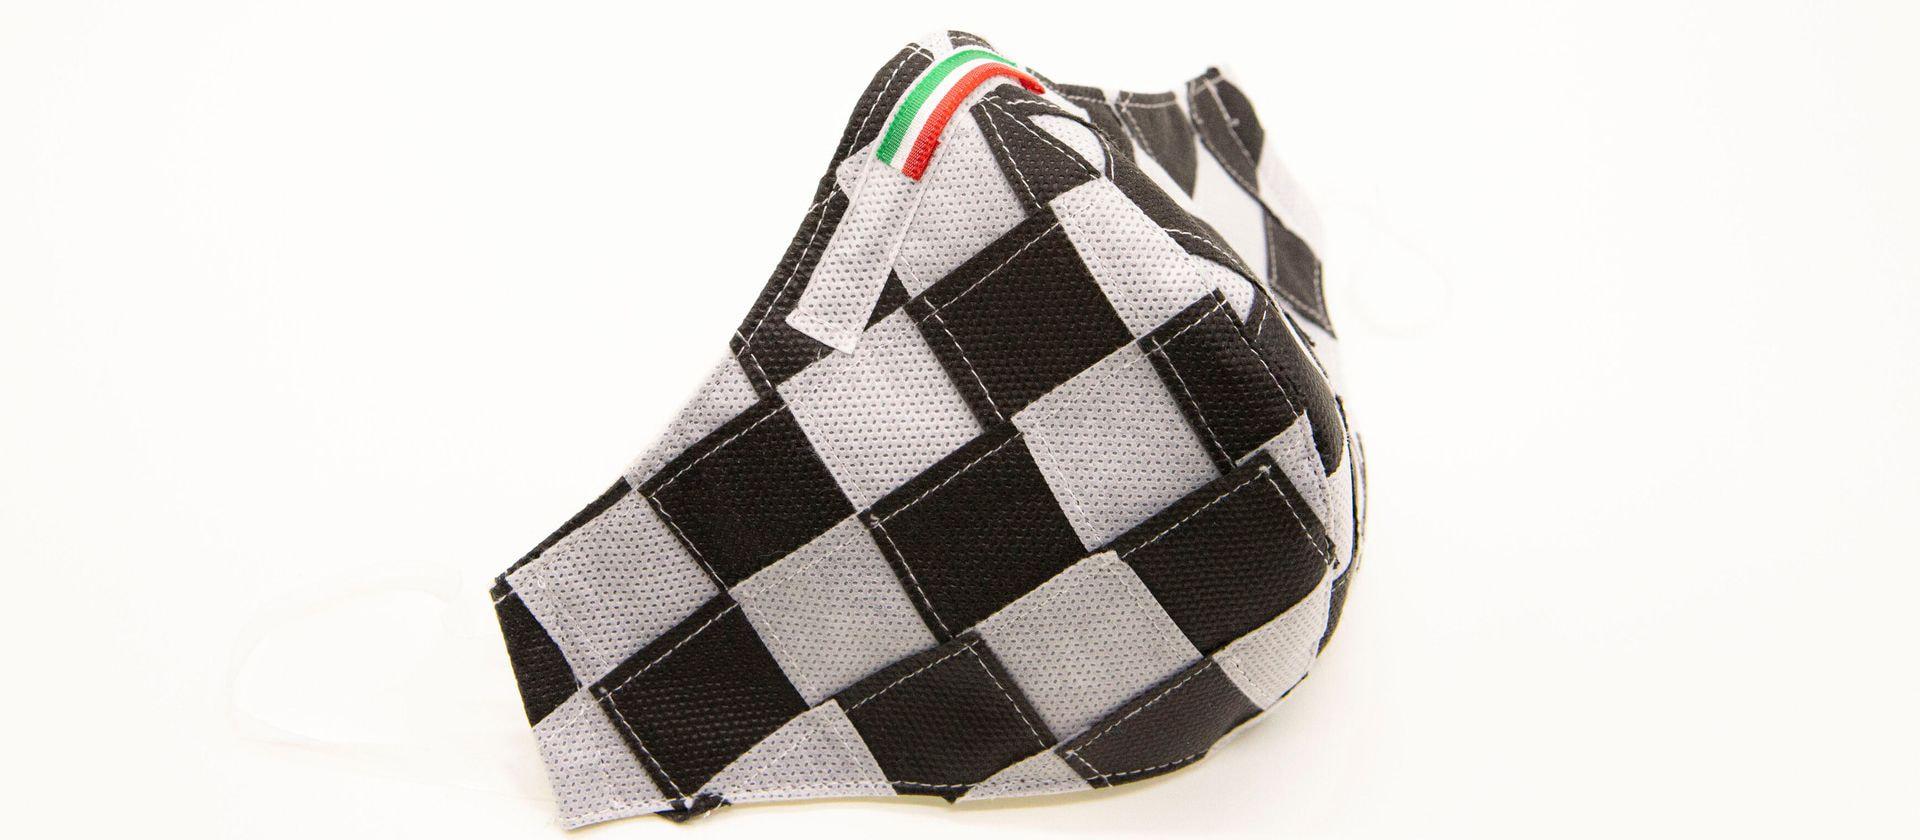 Mascherina Protettiva Fashion Lavabile a scacchi bianco e nero S